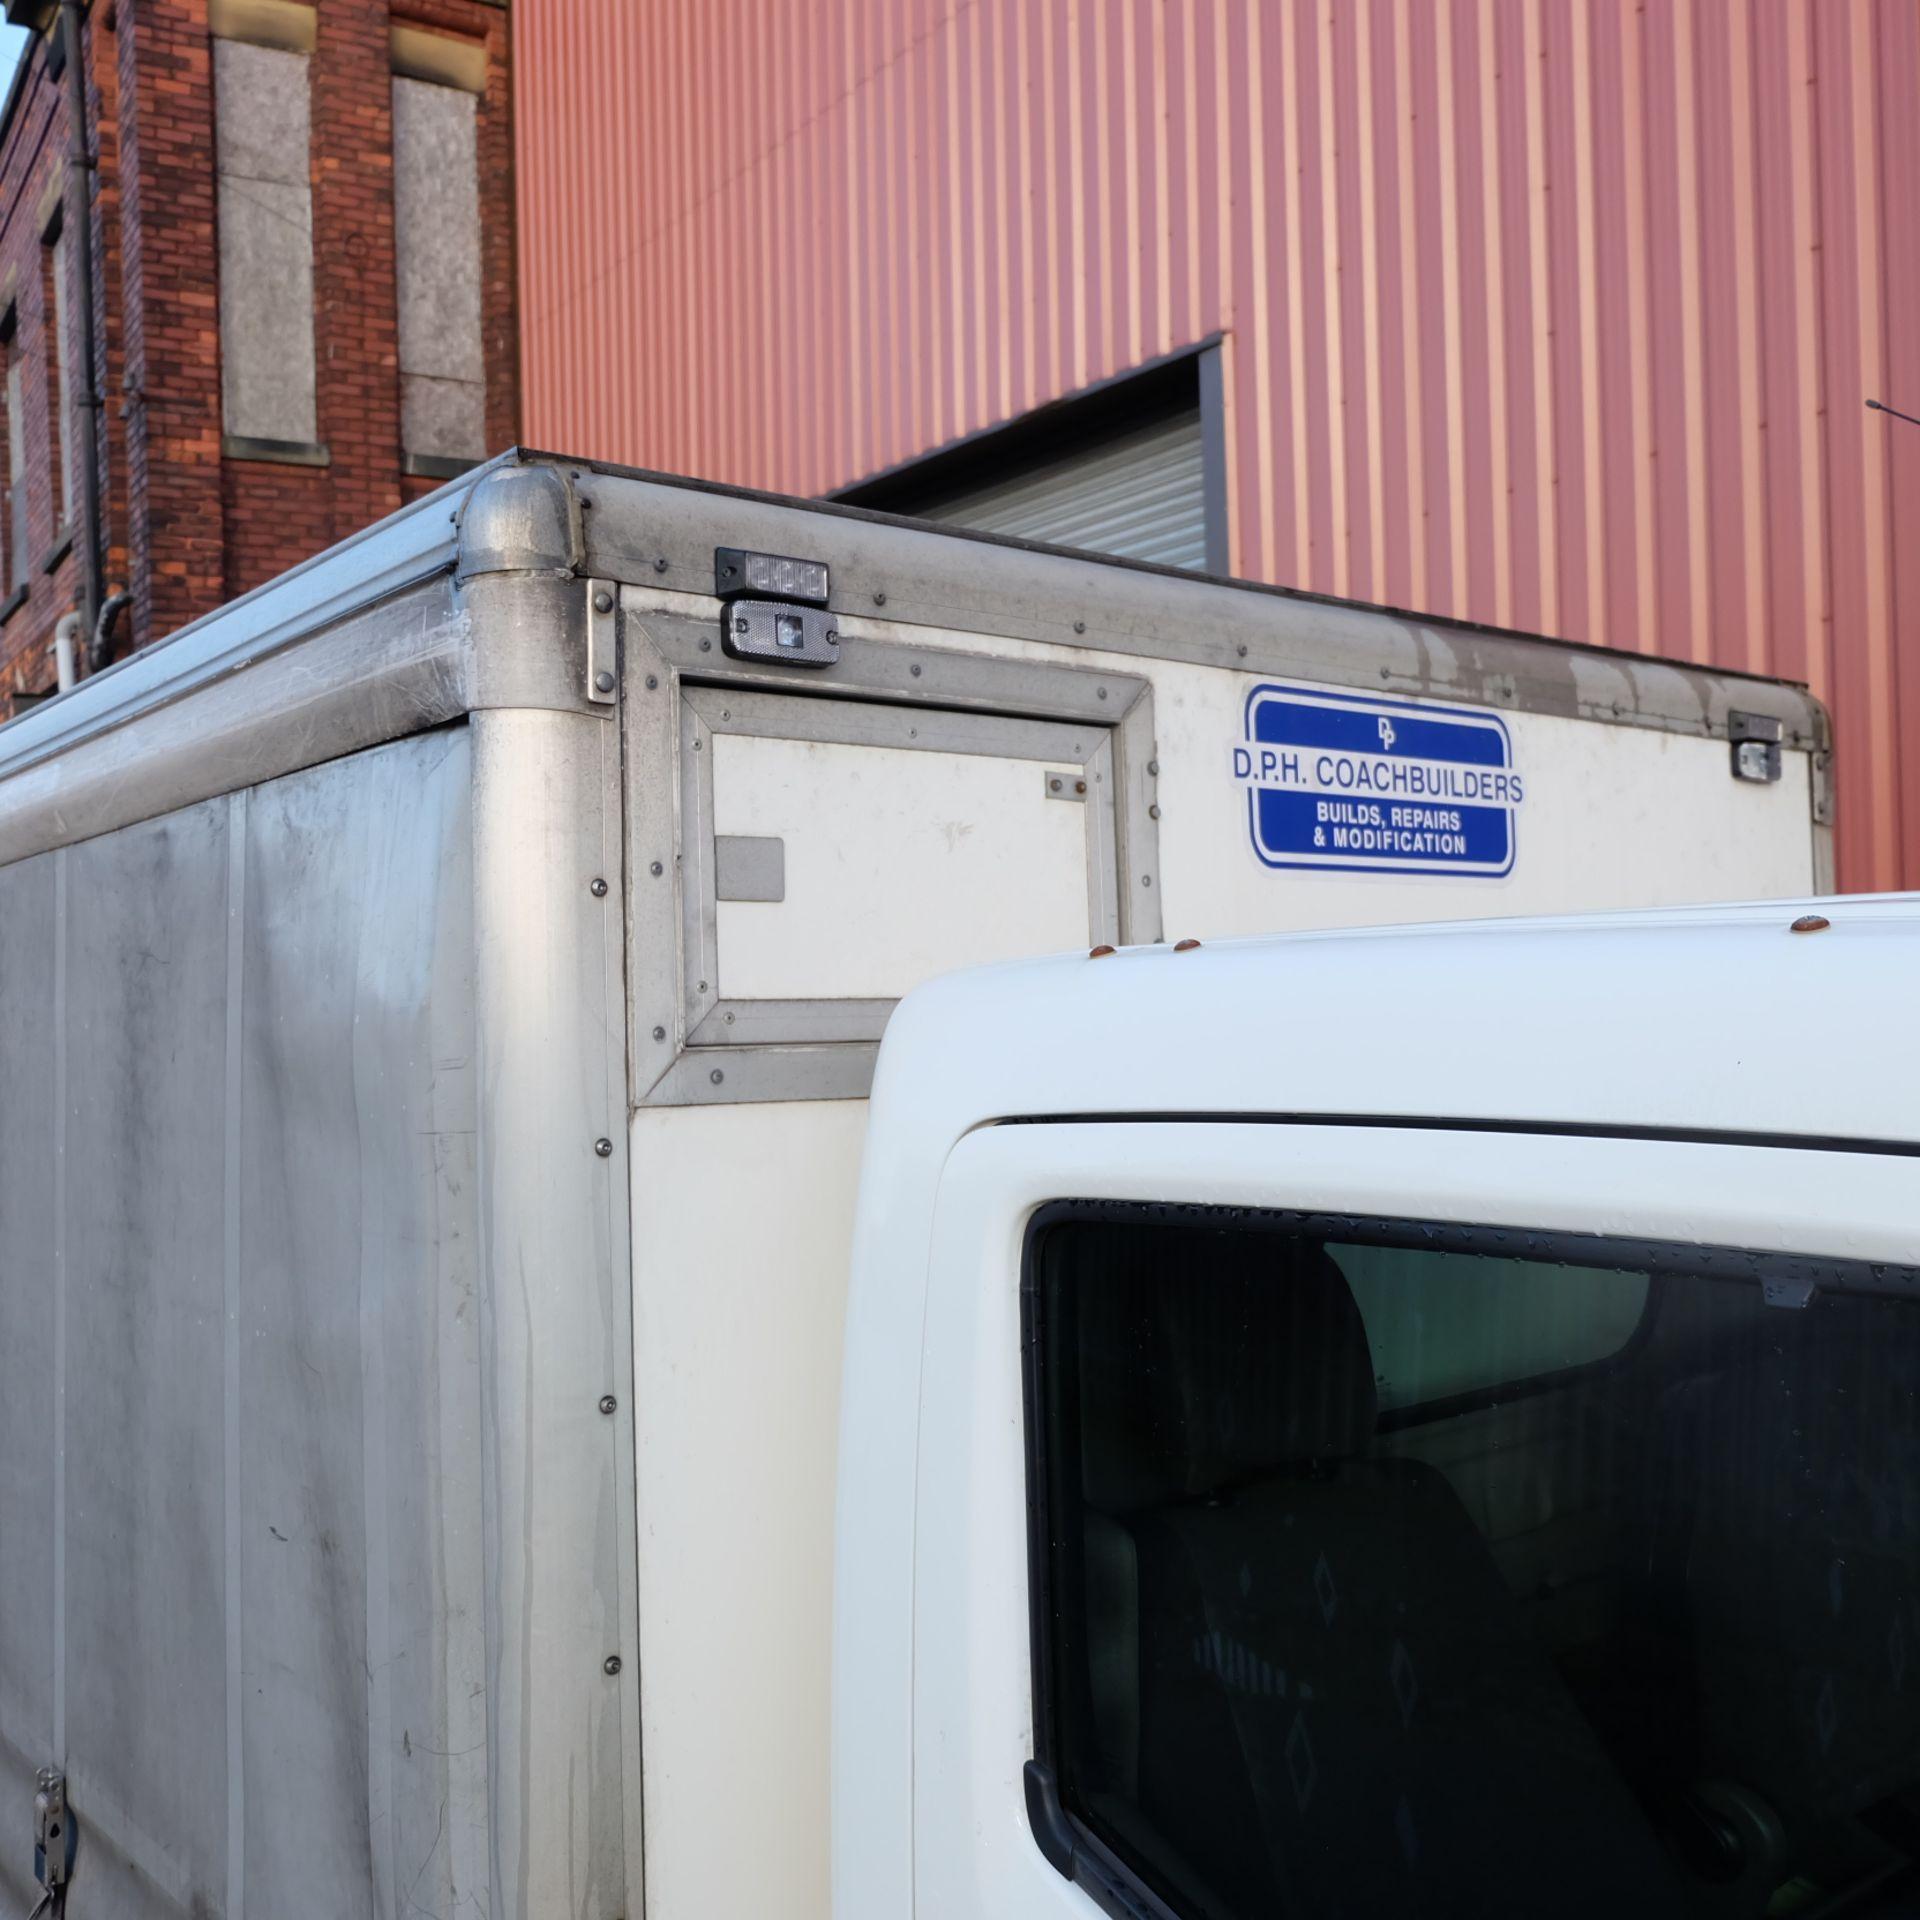 NISSAN CABSTAR 35.14 Rigid Bodied Curtain Truck. 3500KG Gross Weight. Sat Nav, Reversing Camera. - Image 8 of 14